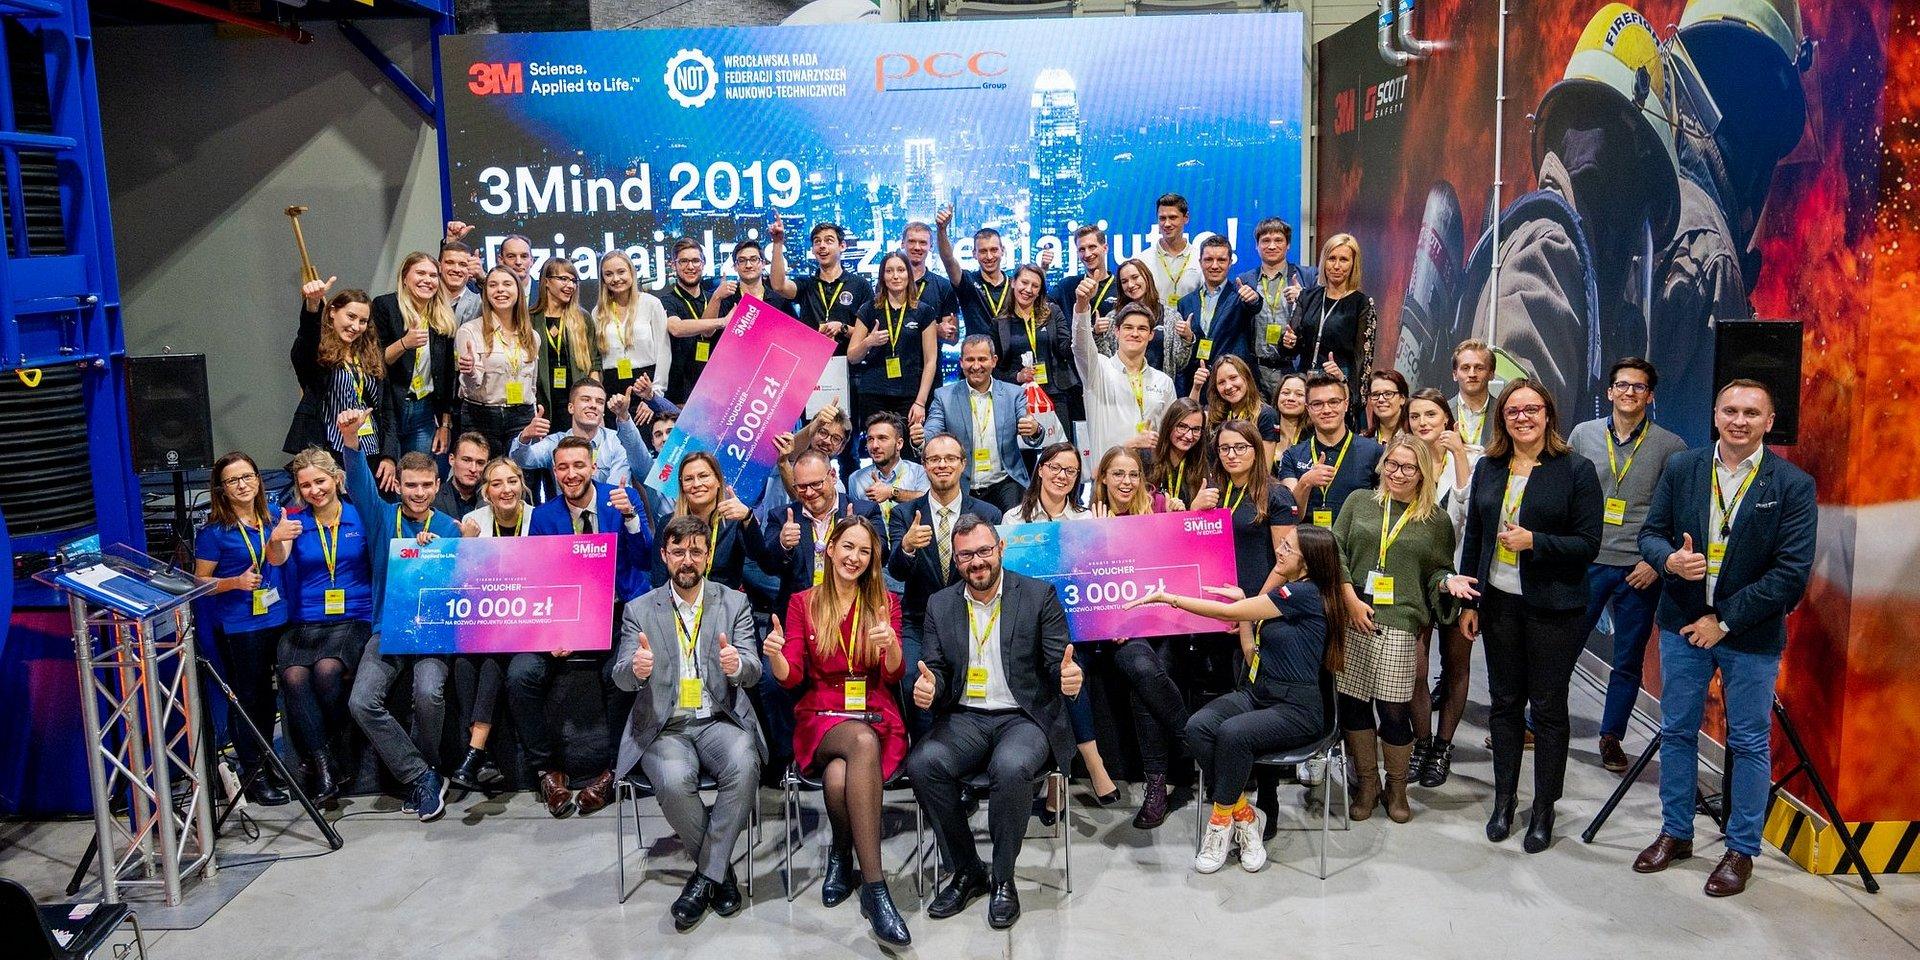 Młodzi naukowcy zmieniają świat! Znamy zwycięzców IV Edycji Konkursu 3Mind